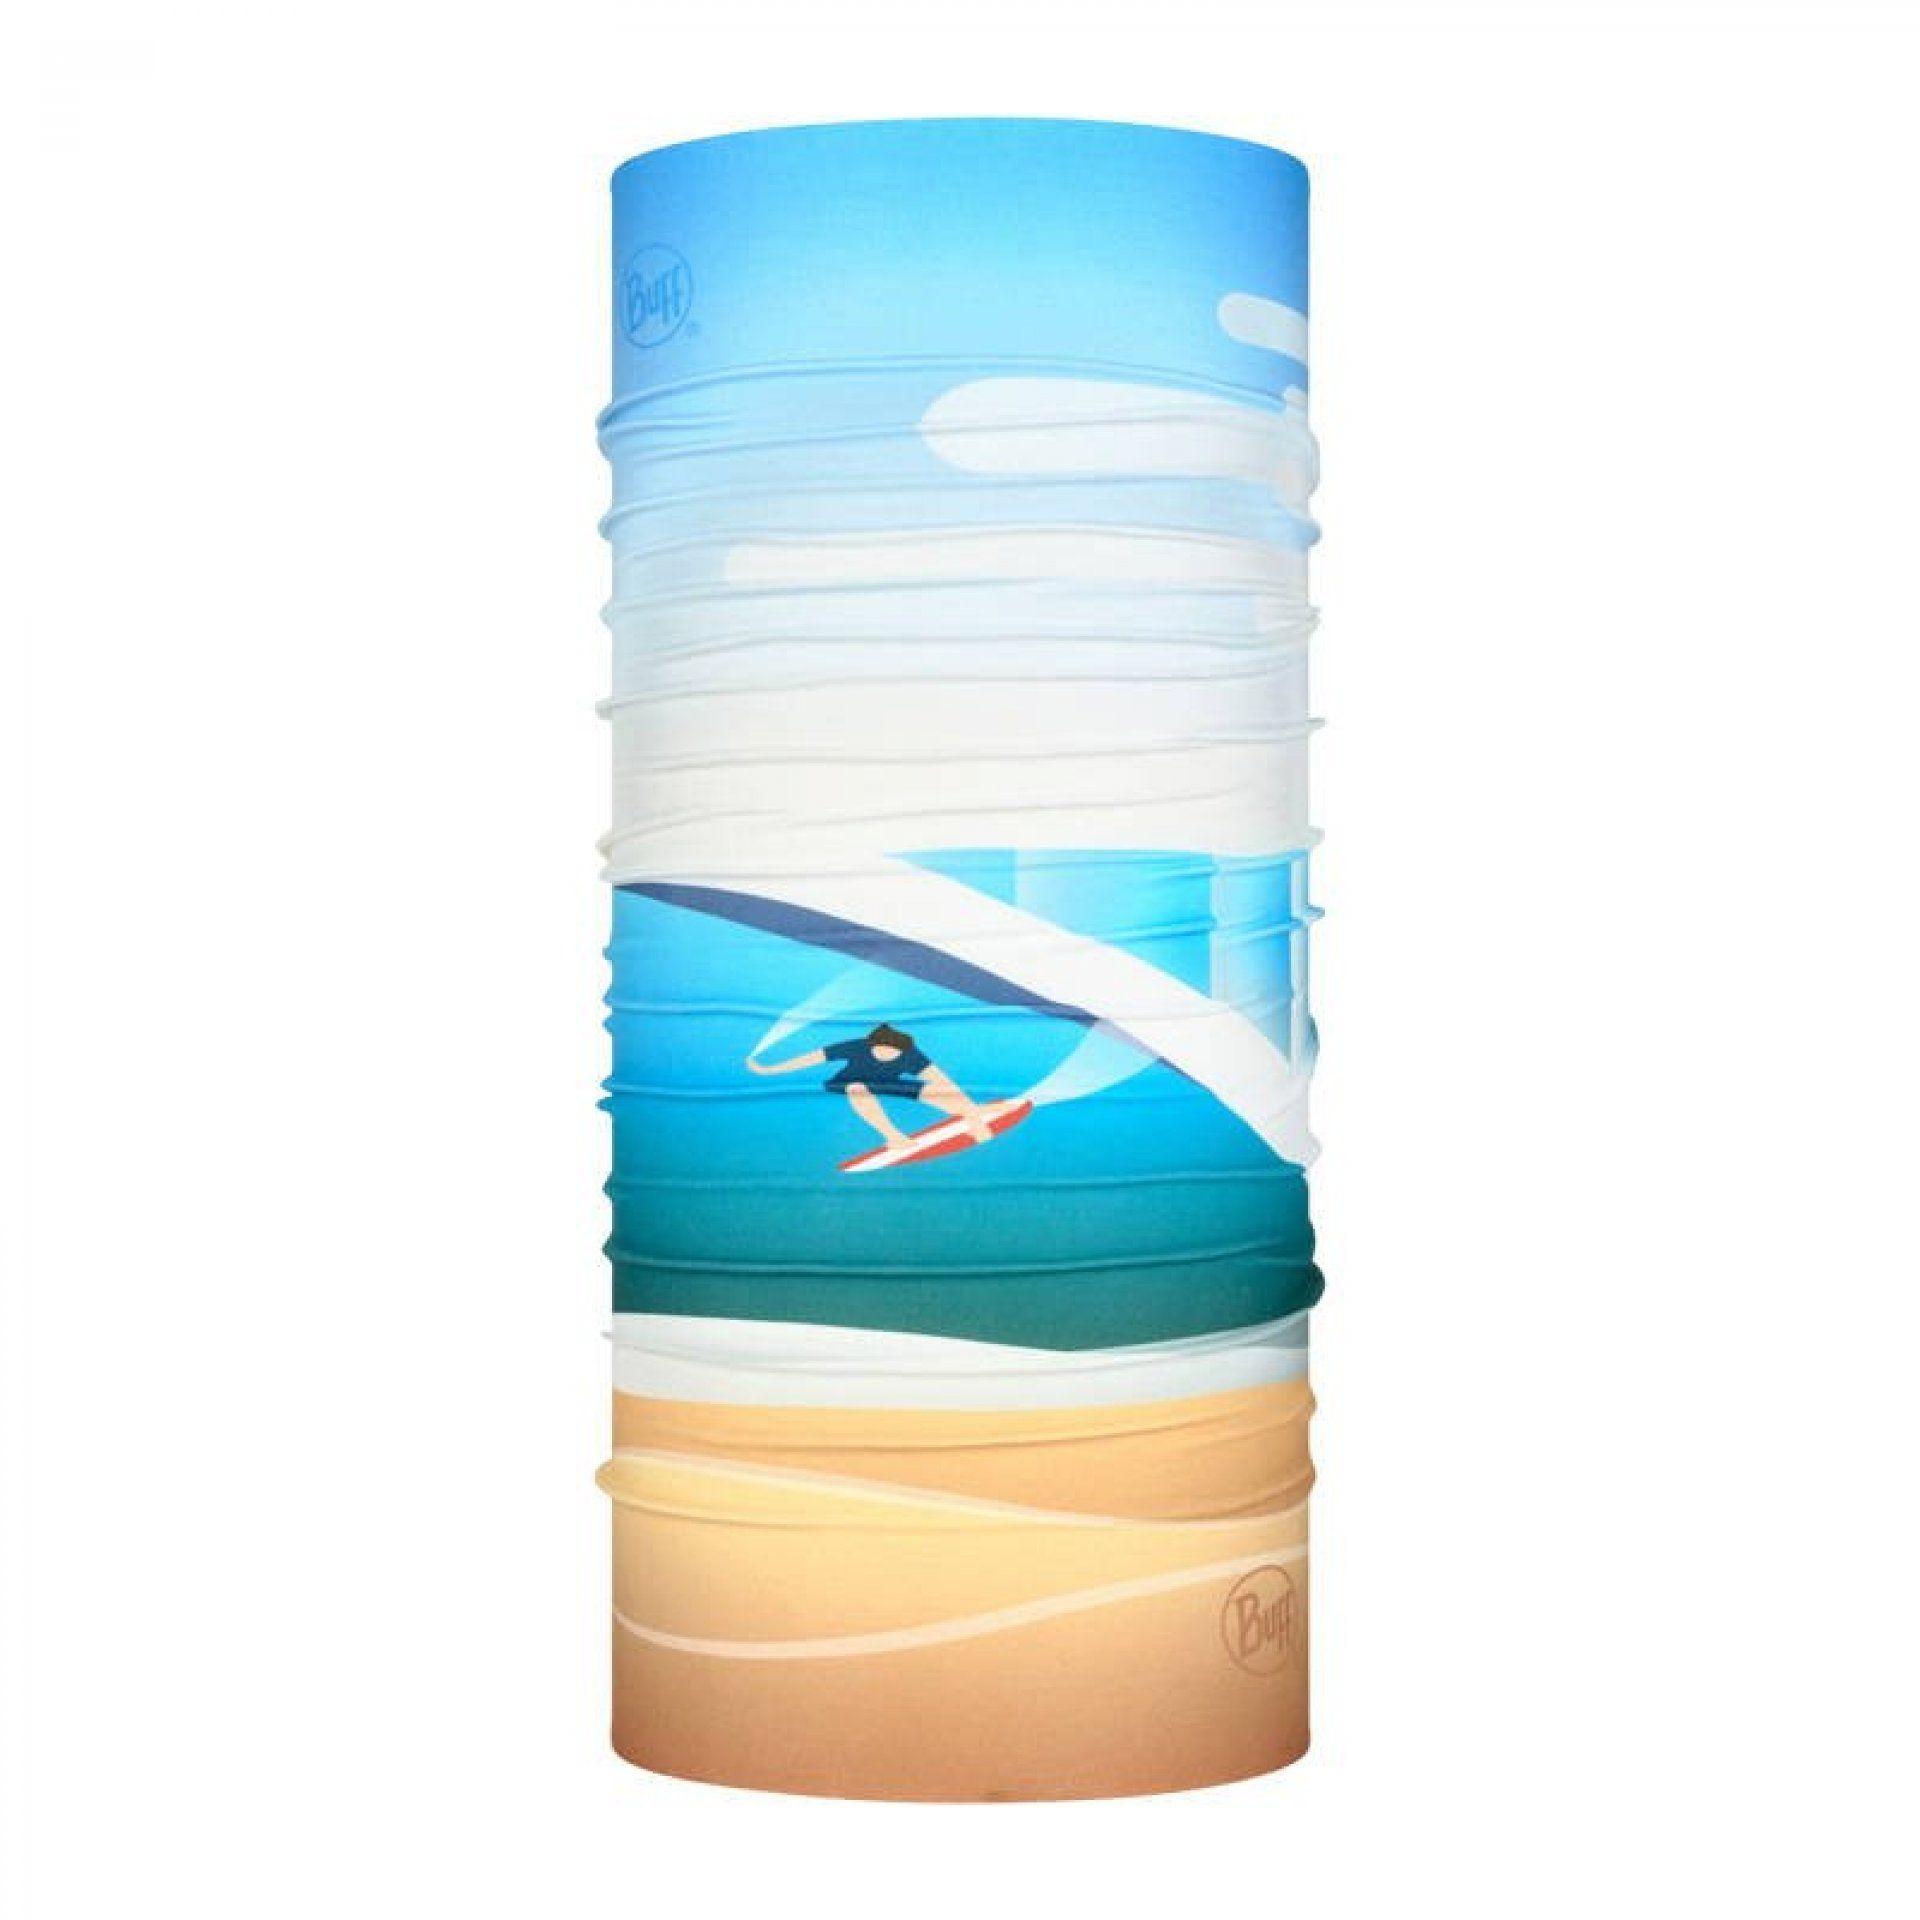 CHUSTA BUFFORIGINAL SURF TUBES MULTI